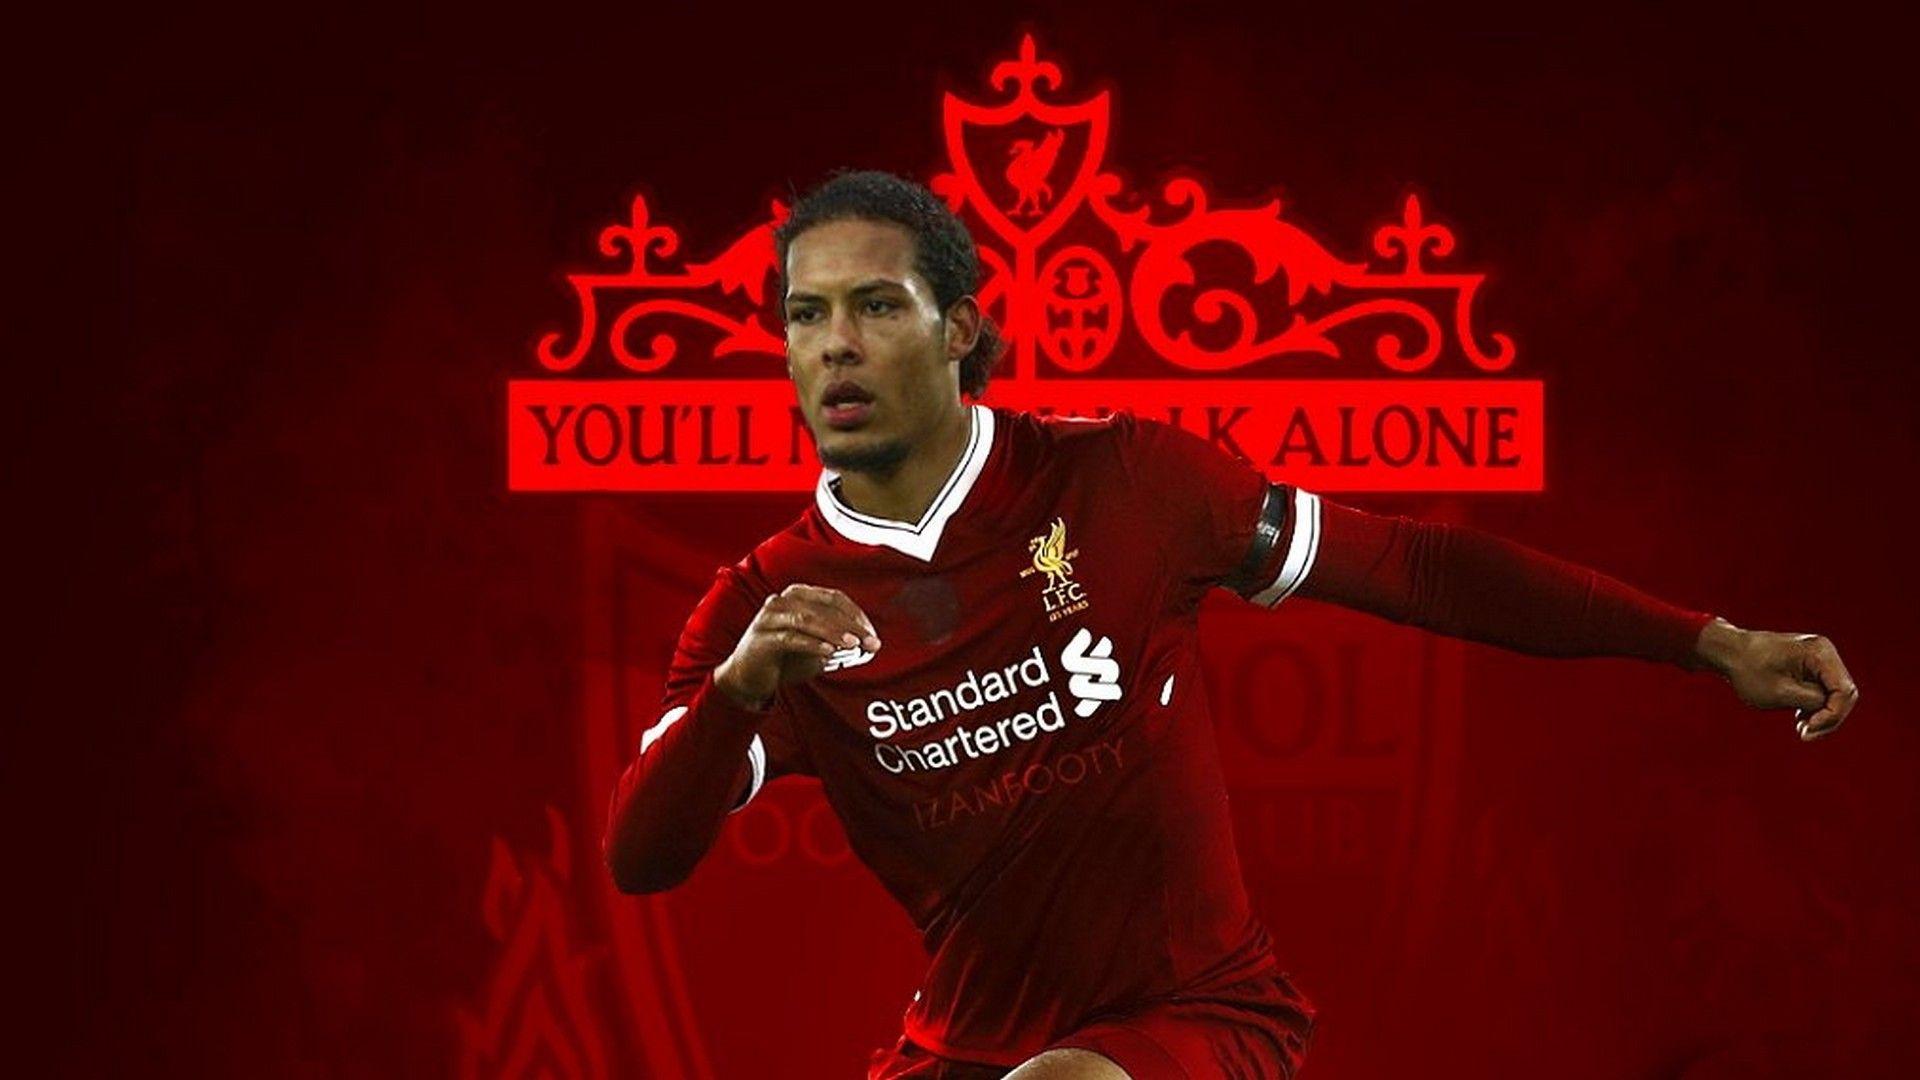 Virgil Van Dijk Liverpool Wallpaper Hd 2020 Live Wallpaper Hd Liverpool Wallpapers Liverpool Virgil Van Dijk